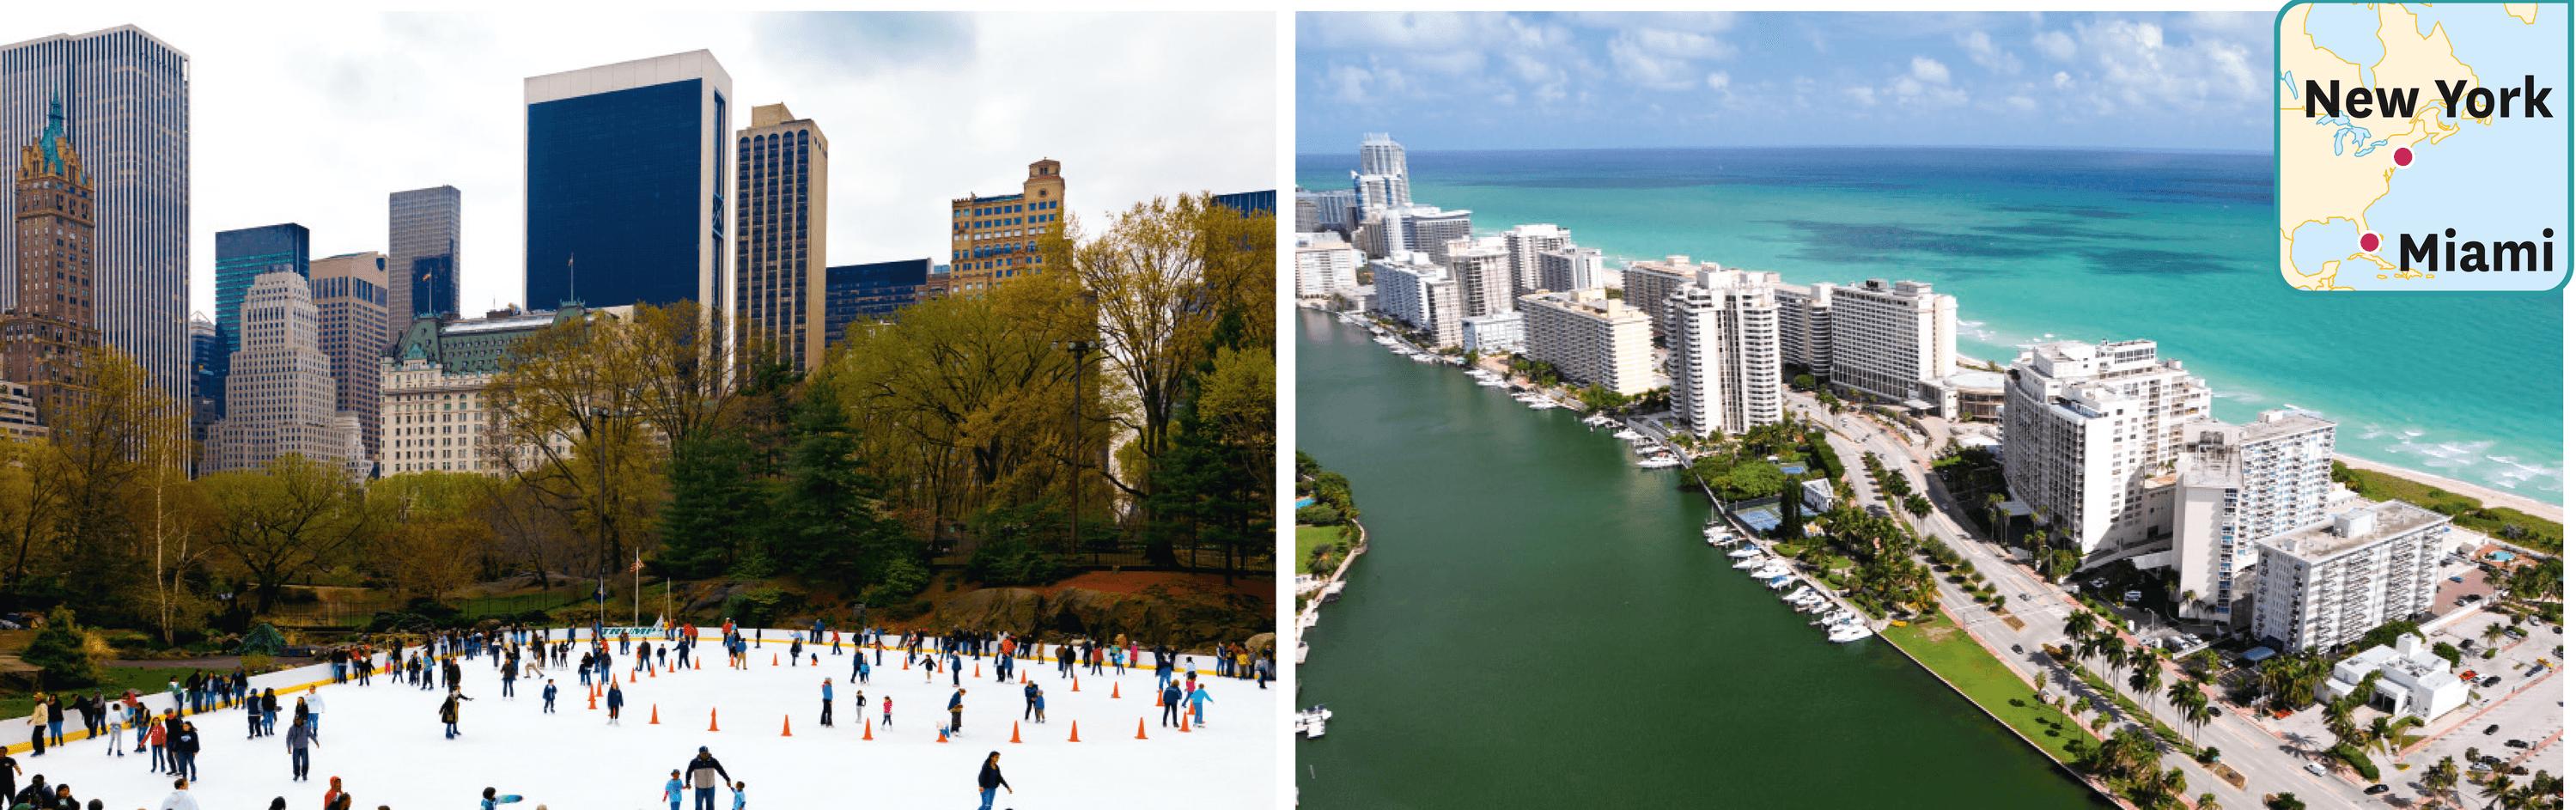 New York et Miami un 1er janvier.